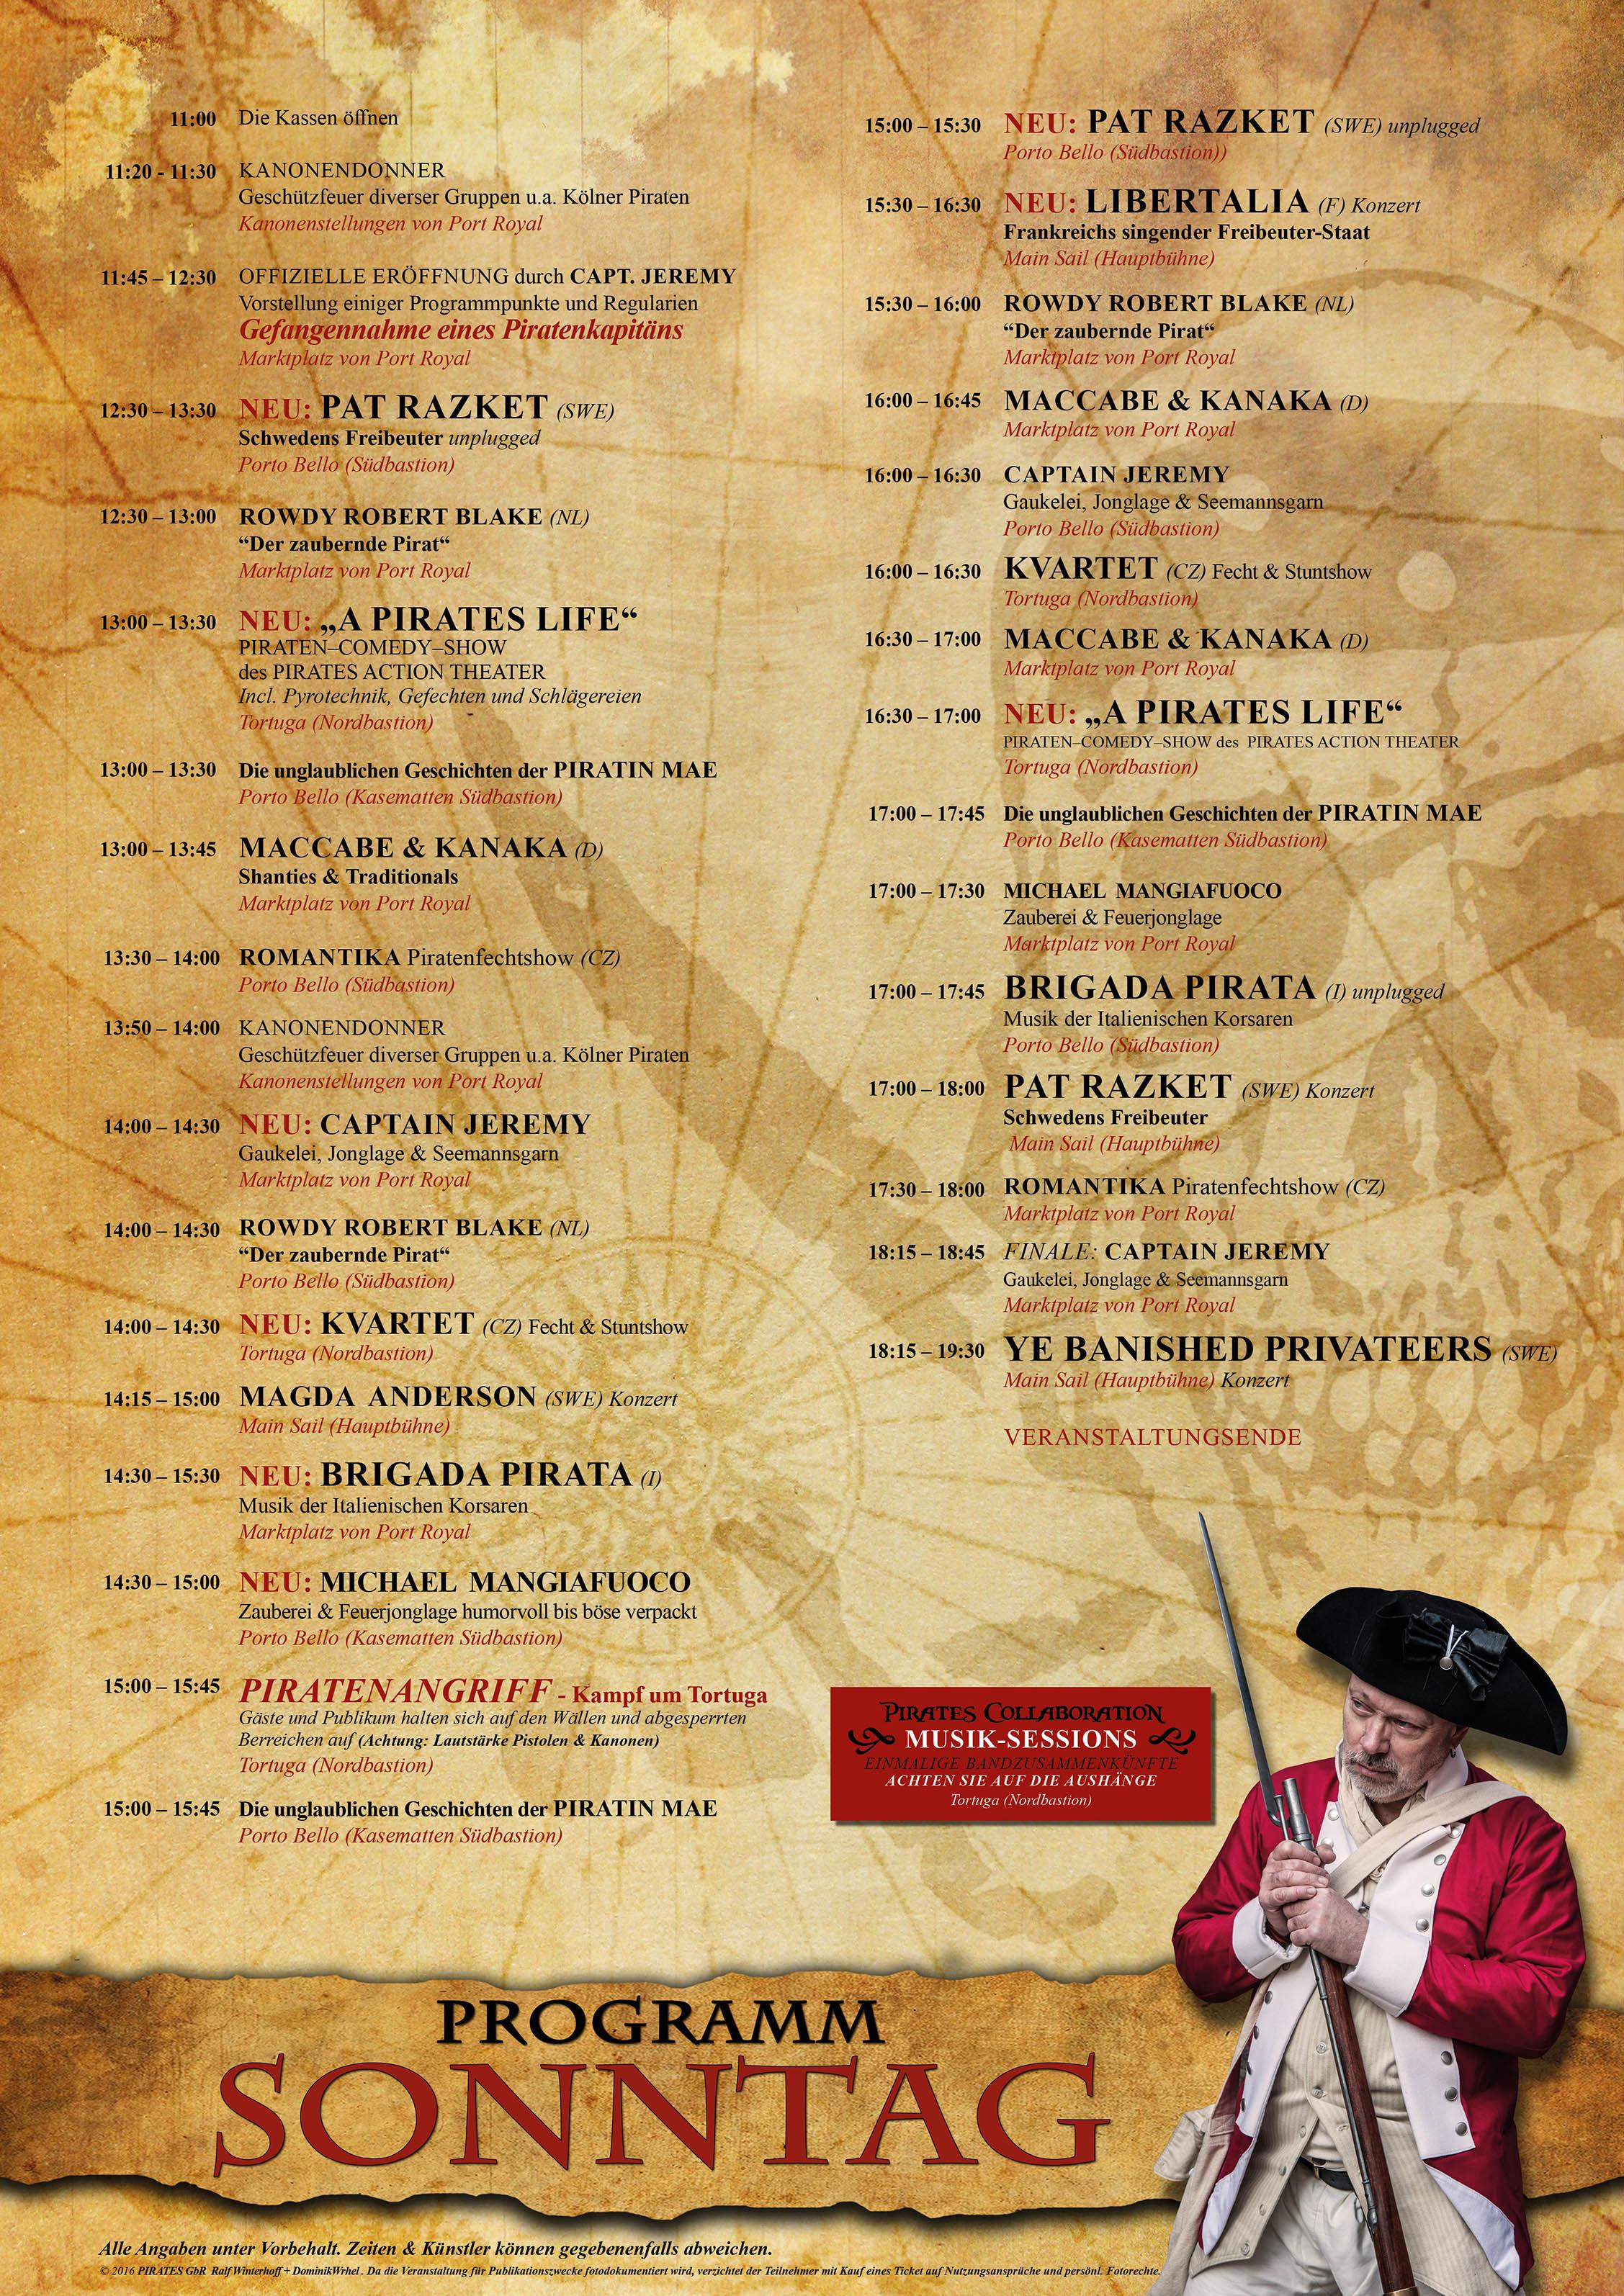 Programm 2016 Sonntag